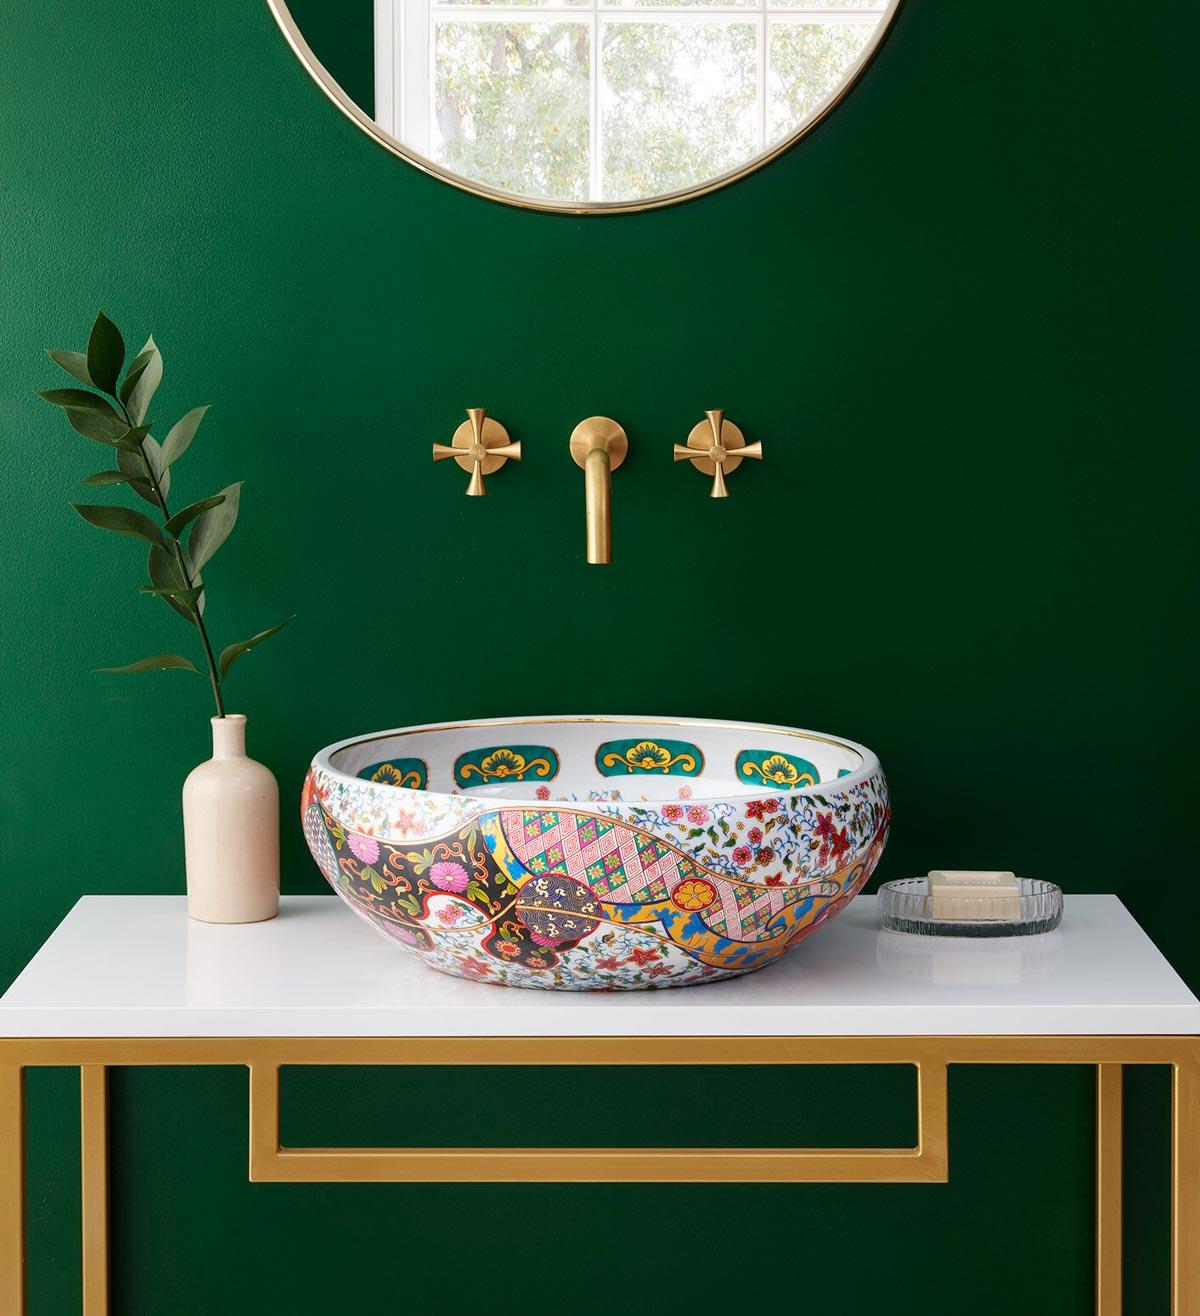 Colorful porcelain sink basin